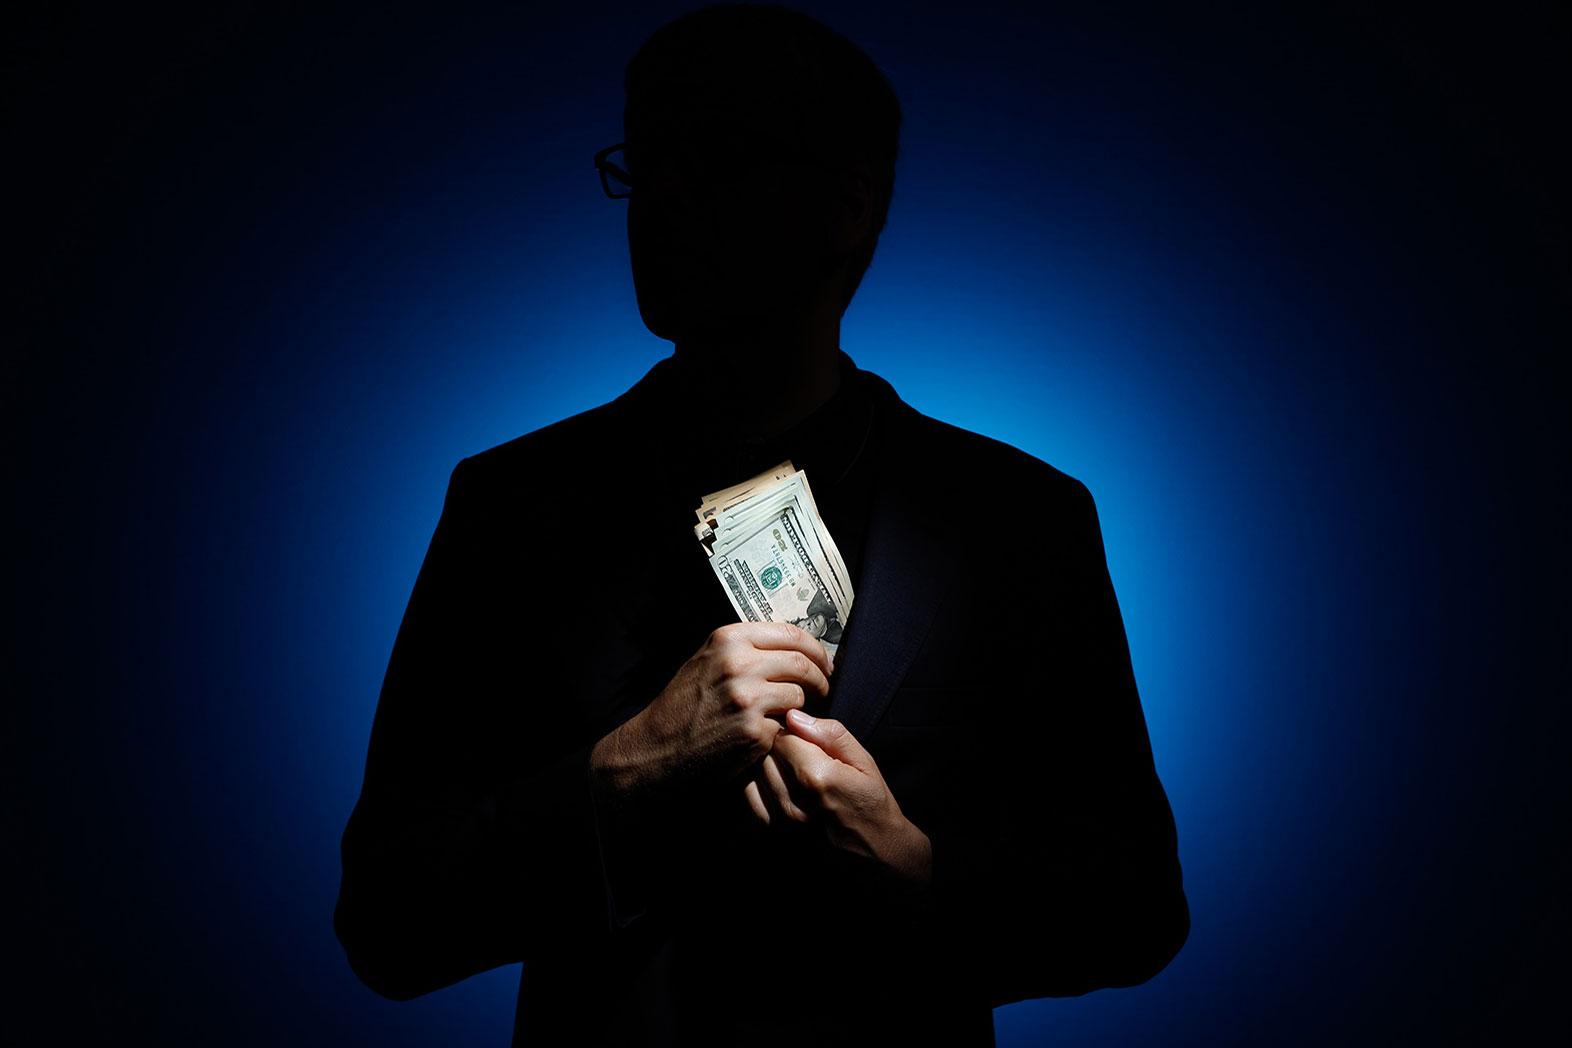 Замначальника УВД Атырау уличили в систематическом получении взяток